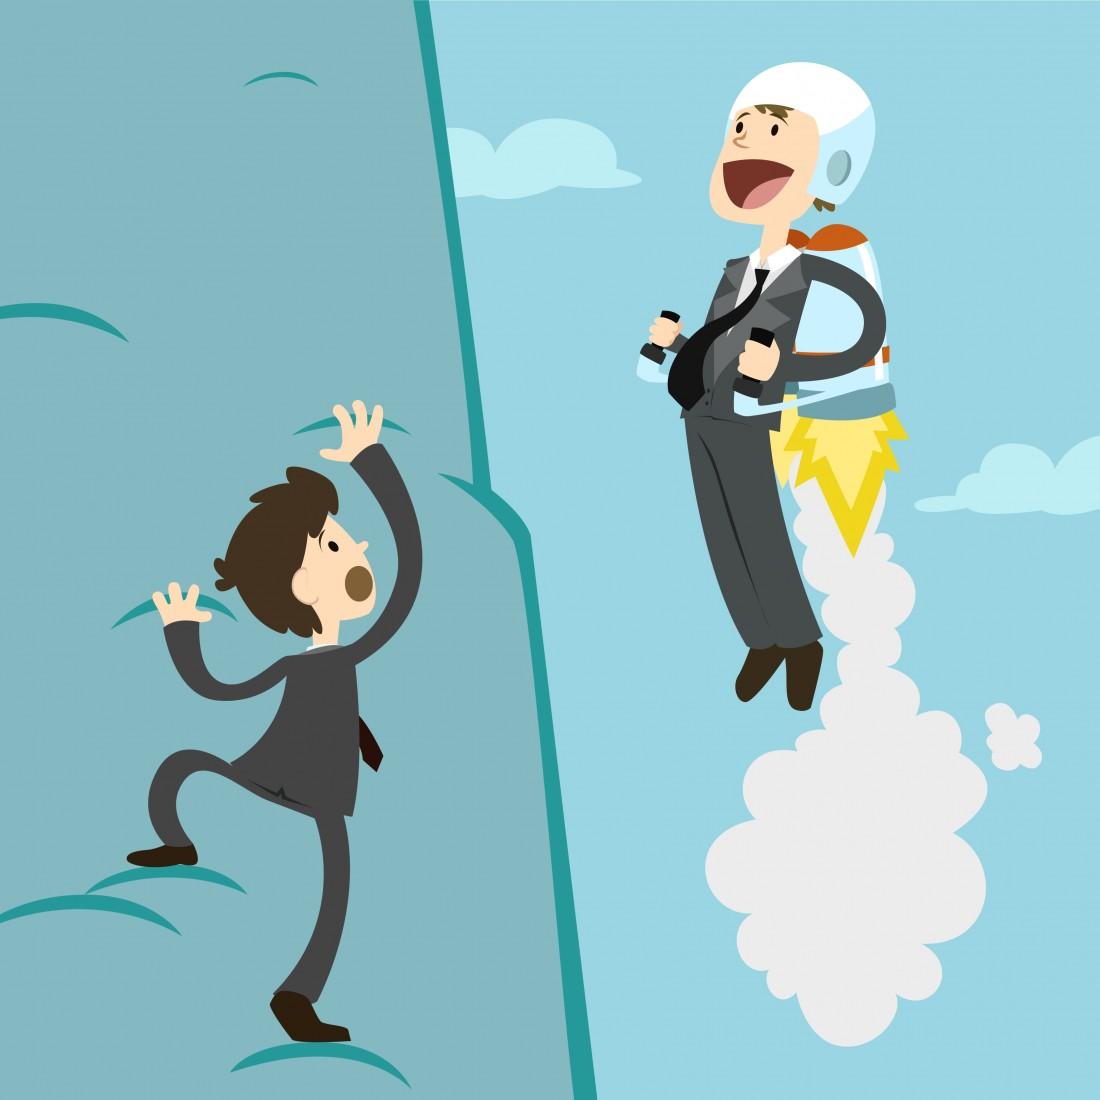 Imagen de una persona escalando y otra adelantándola con un cohete en su espalda.